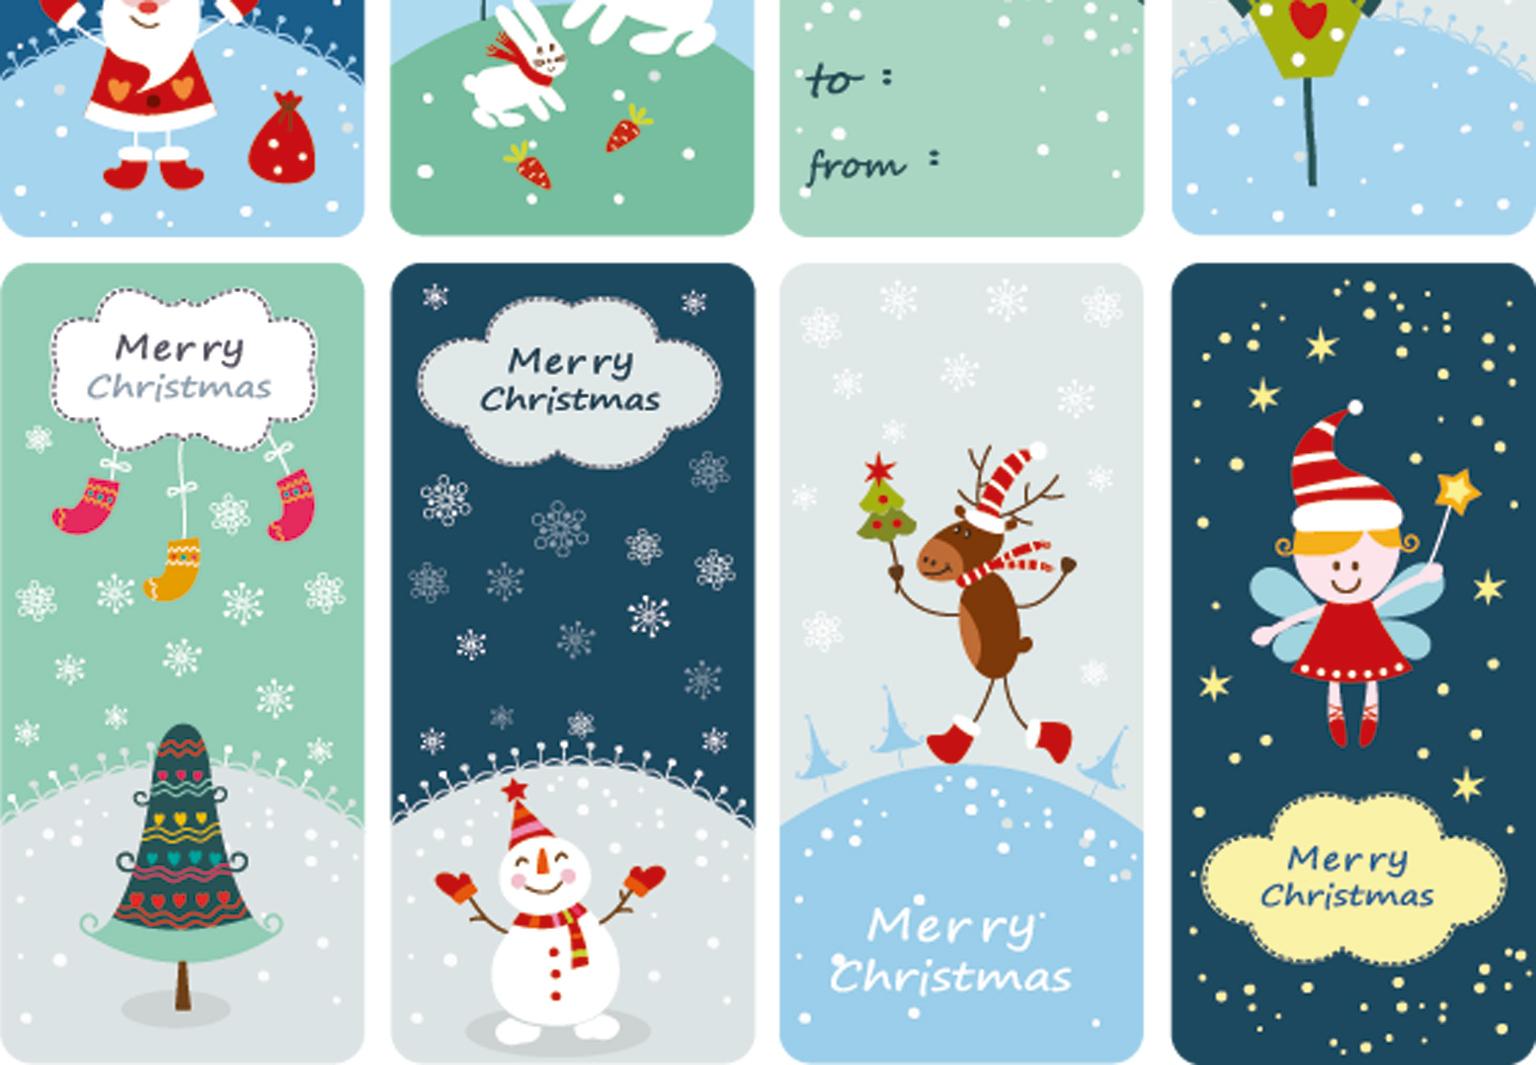 Des Étiquettes De Noël À Imprimer - Femme Actuelle dedans Etiquette Noel A Imprimer